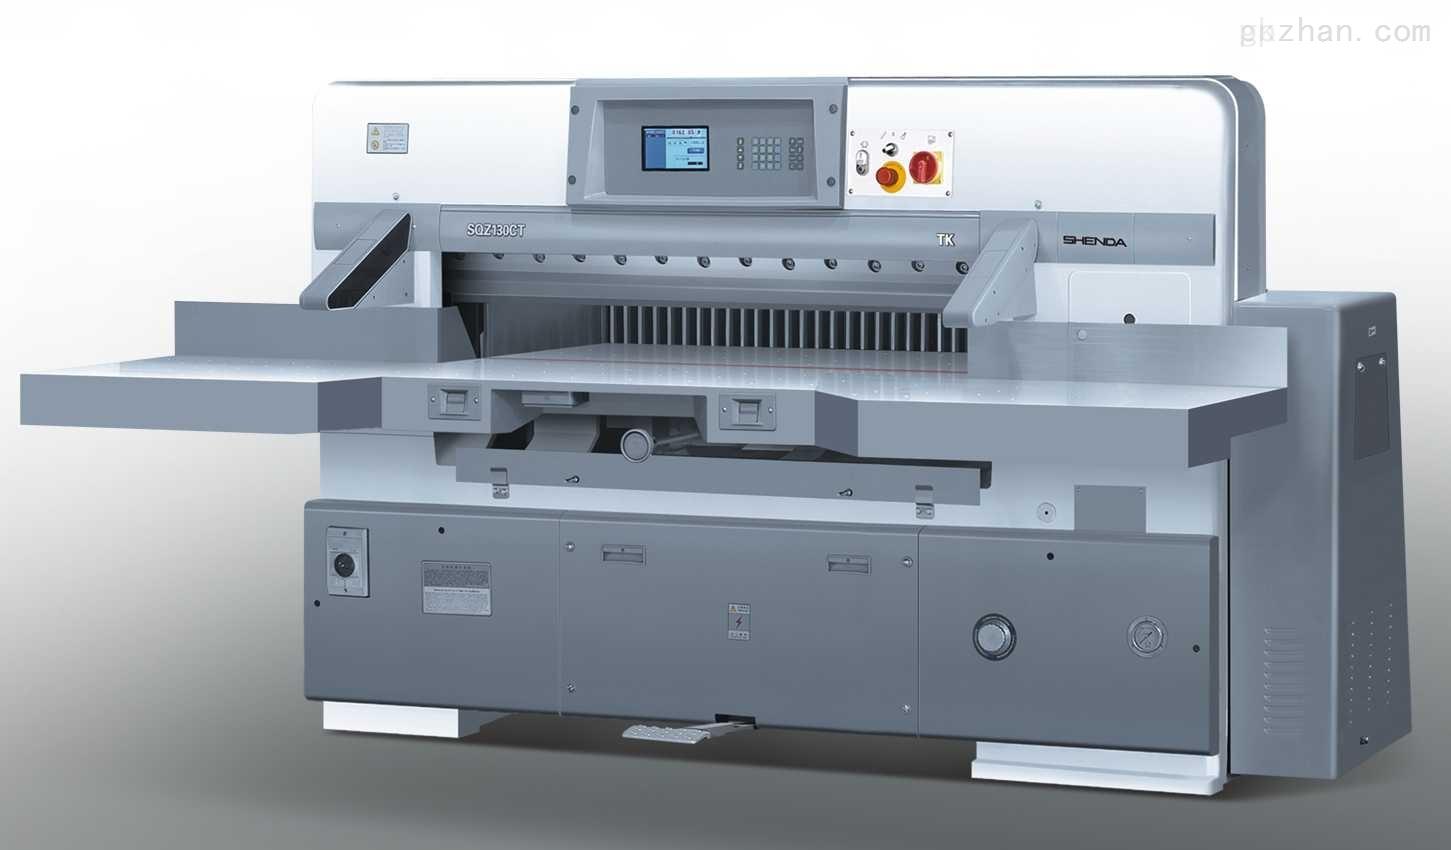 【供应】国望切纸机,K92CD 10.4英寸电脑程控切纸机